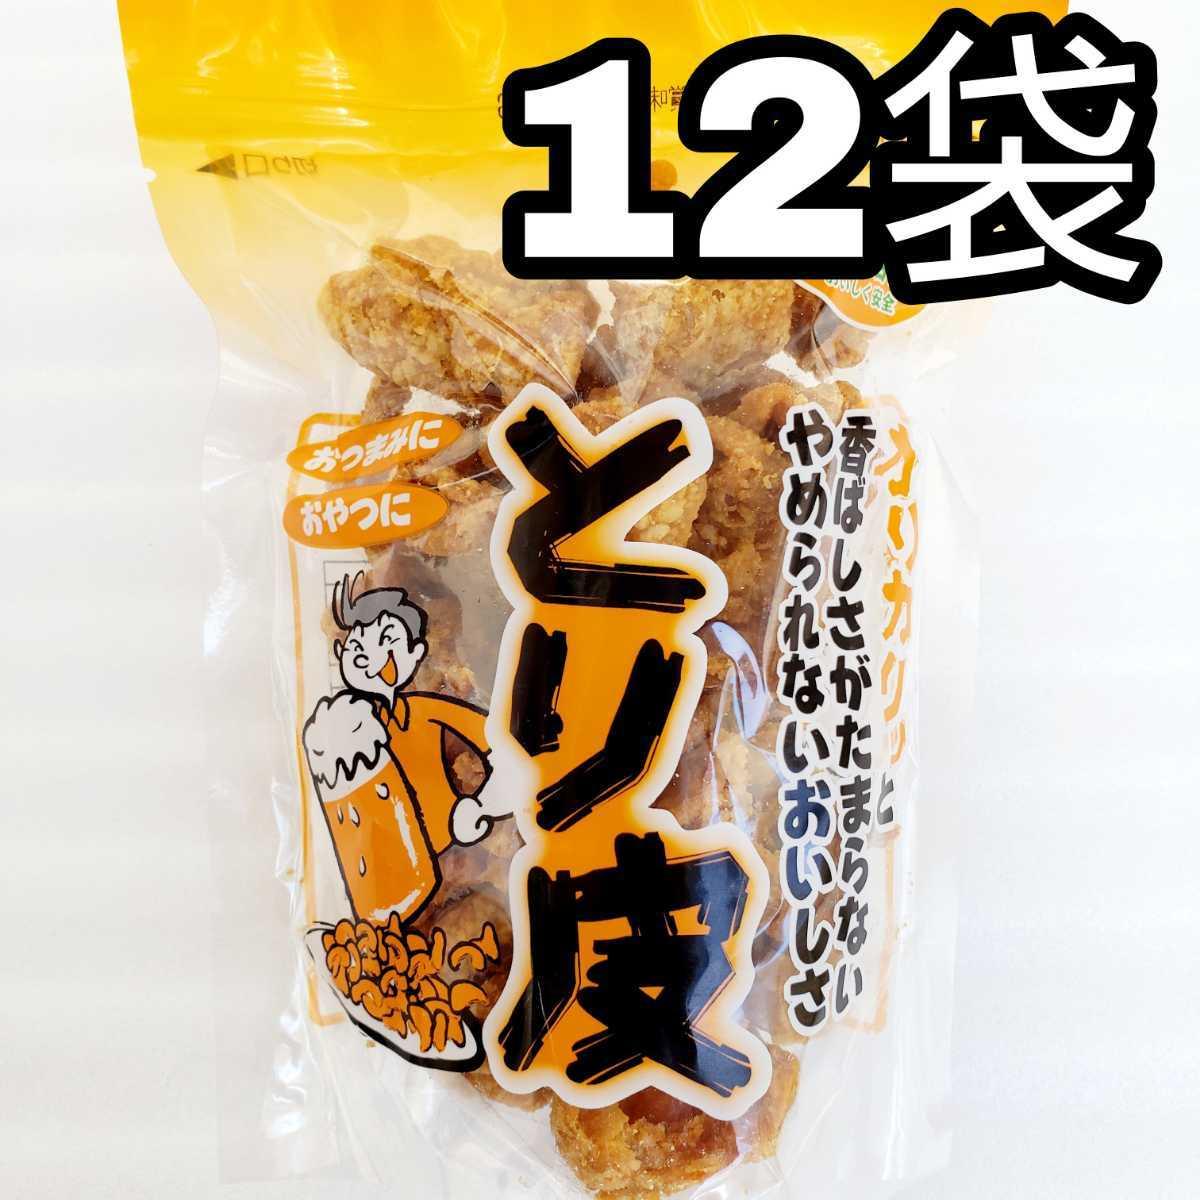 おつまみ、おやつに 沖縄 とり皮 揚げ 12袋 セット  * お菓子 詰め合わせ 鶏皮_画像1